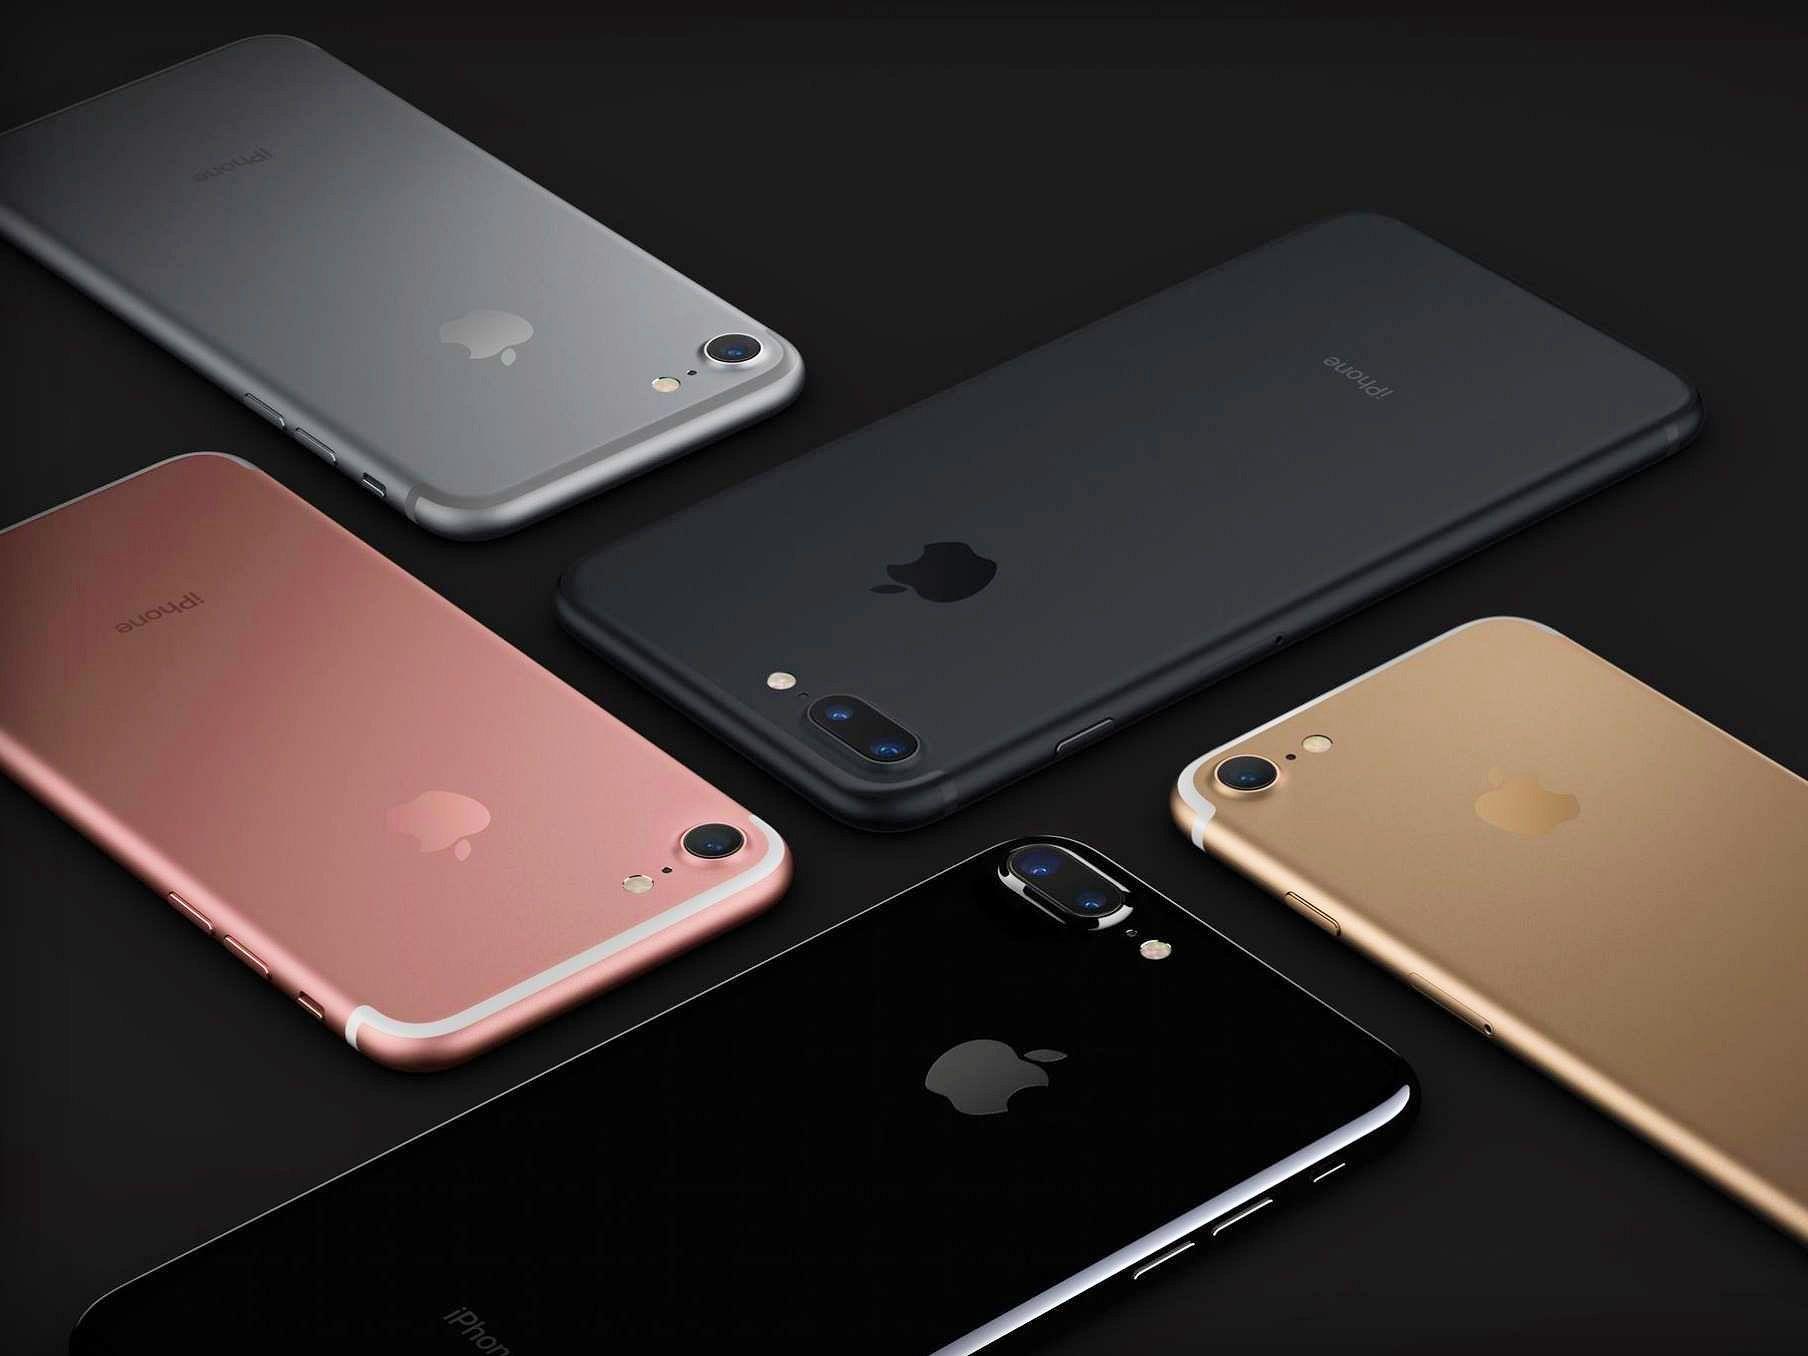 айфон 7 цвета корпуса фото